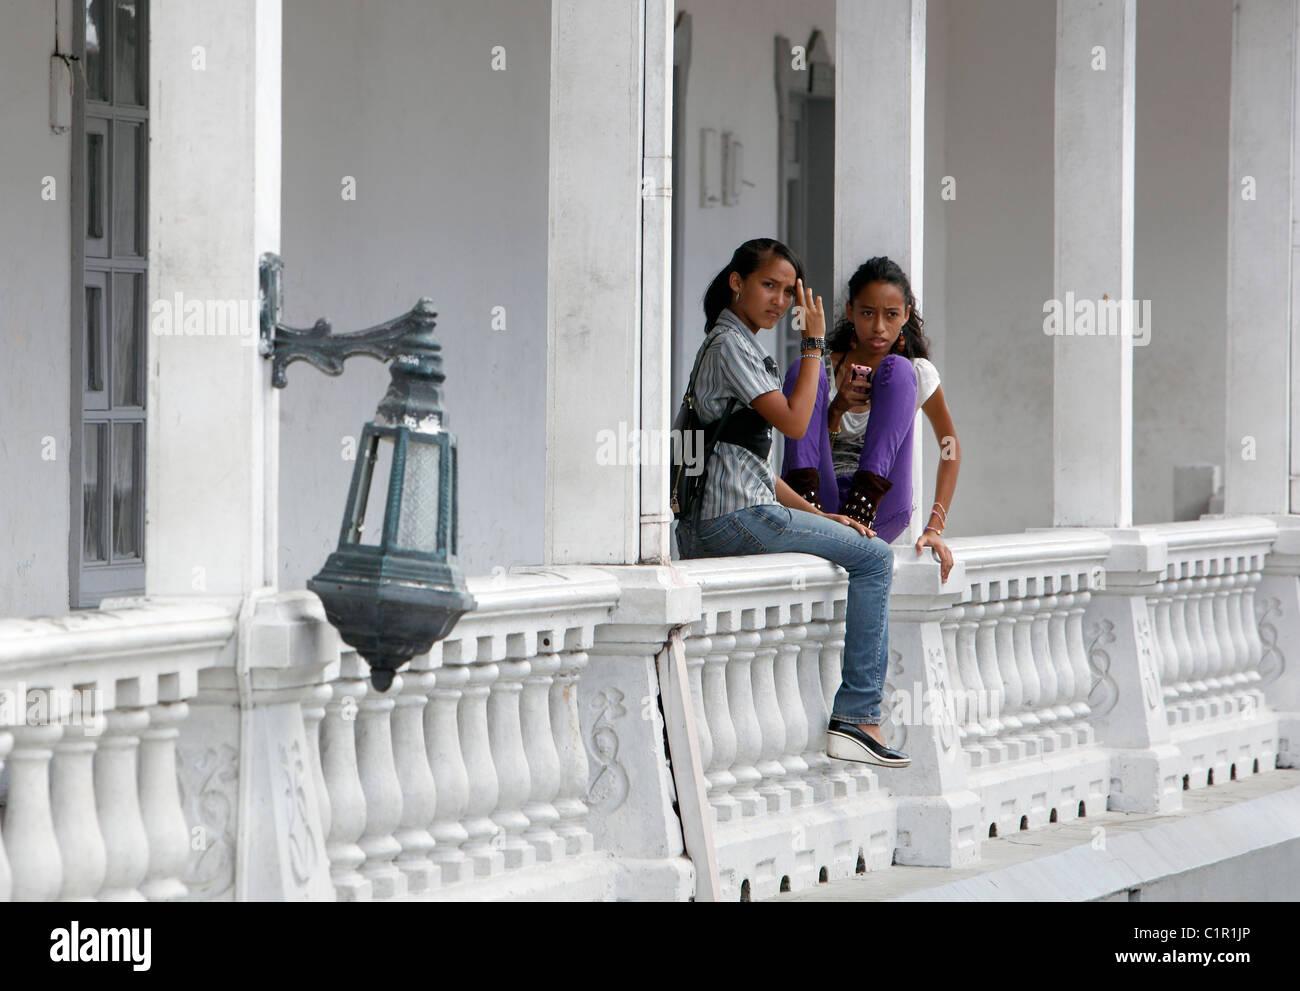 Costa Rican teenage girls, Liberia, Costa Rica - Stock Image